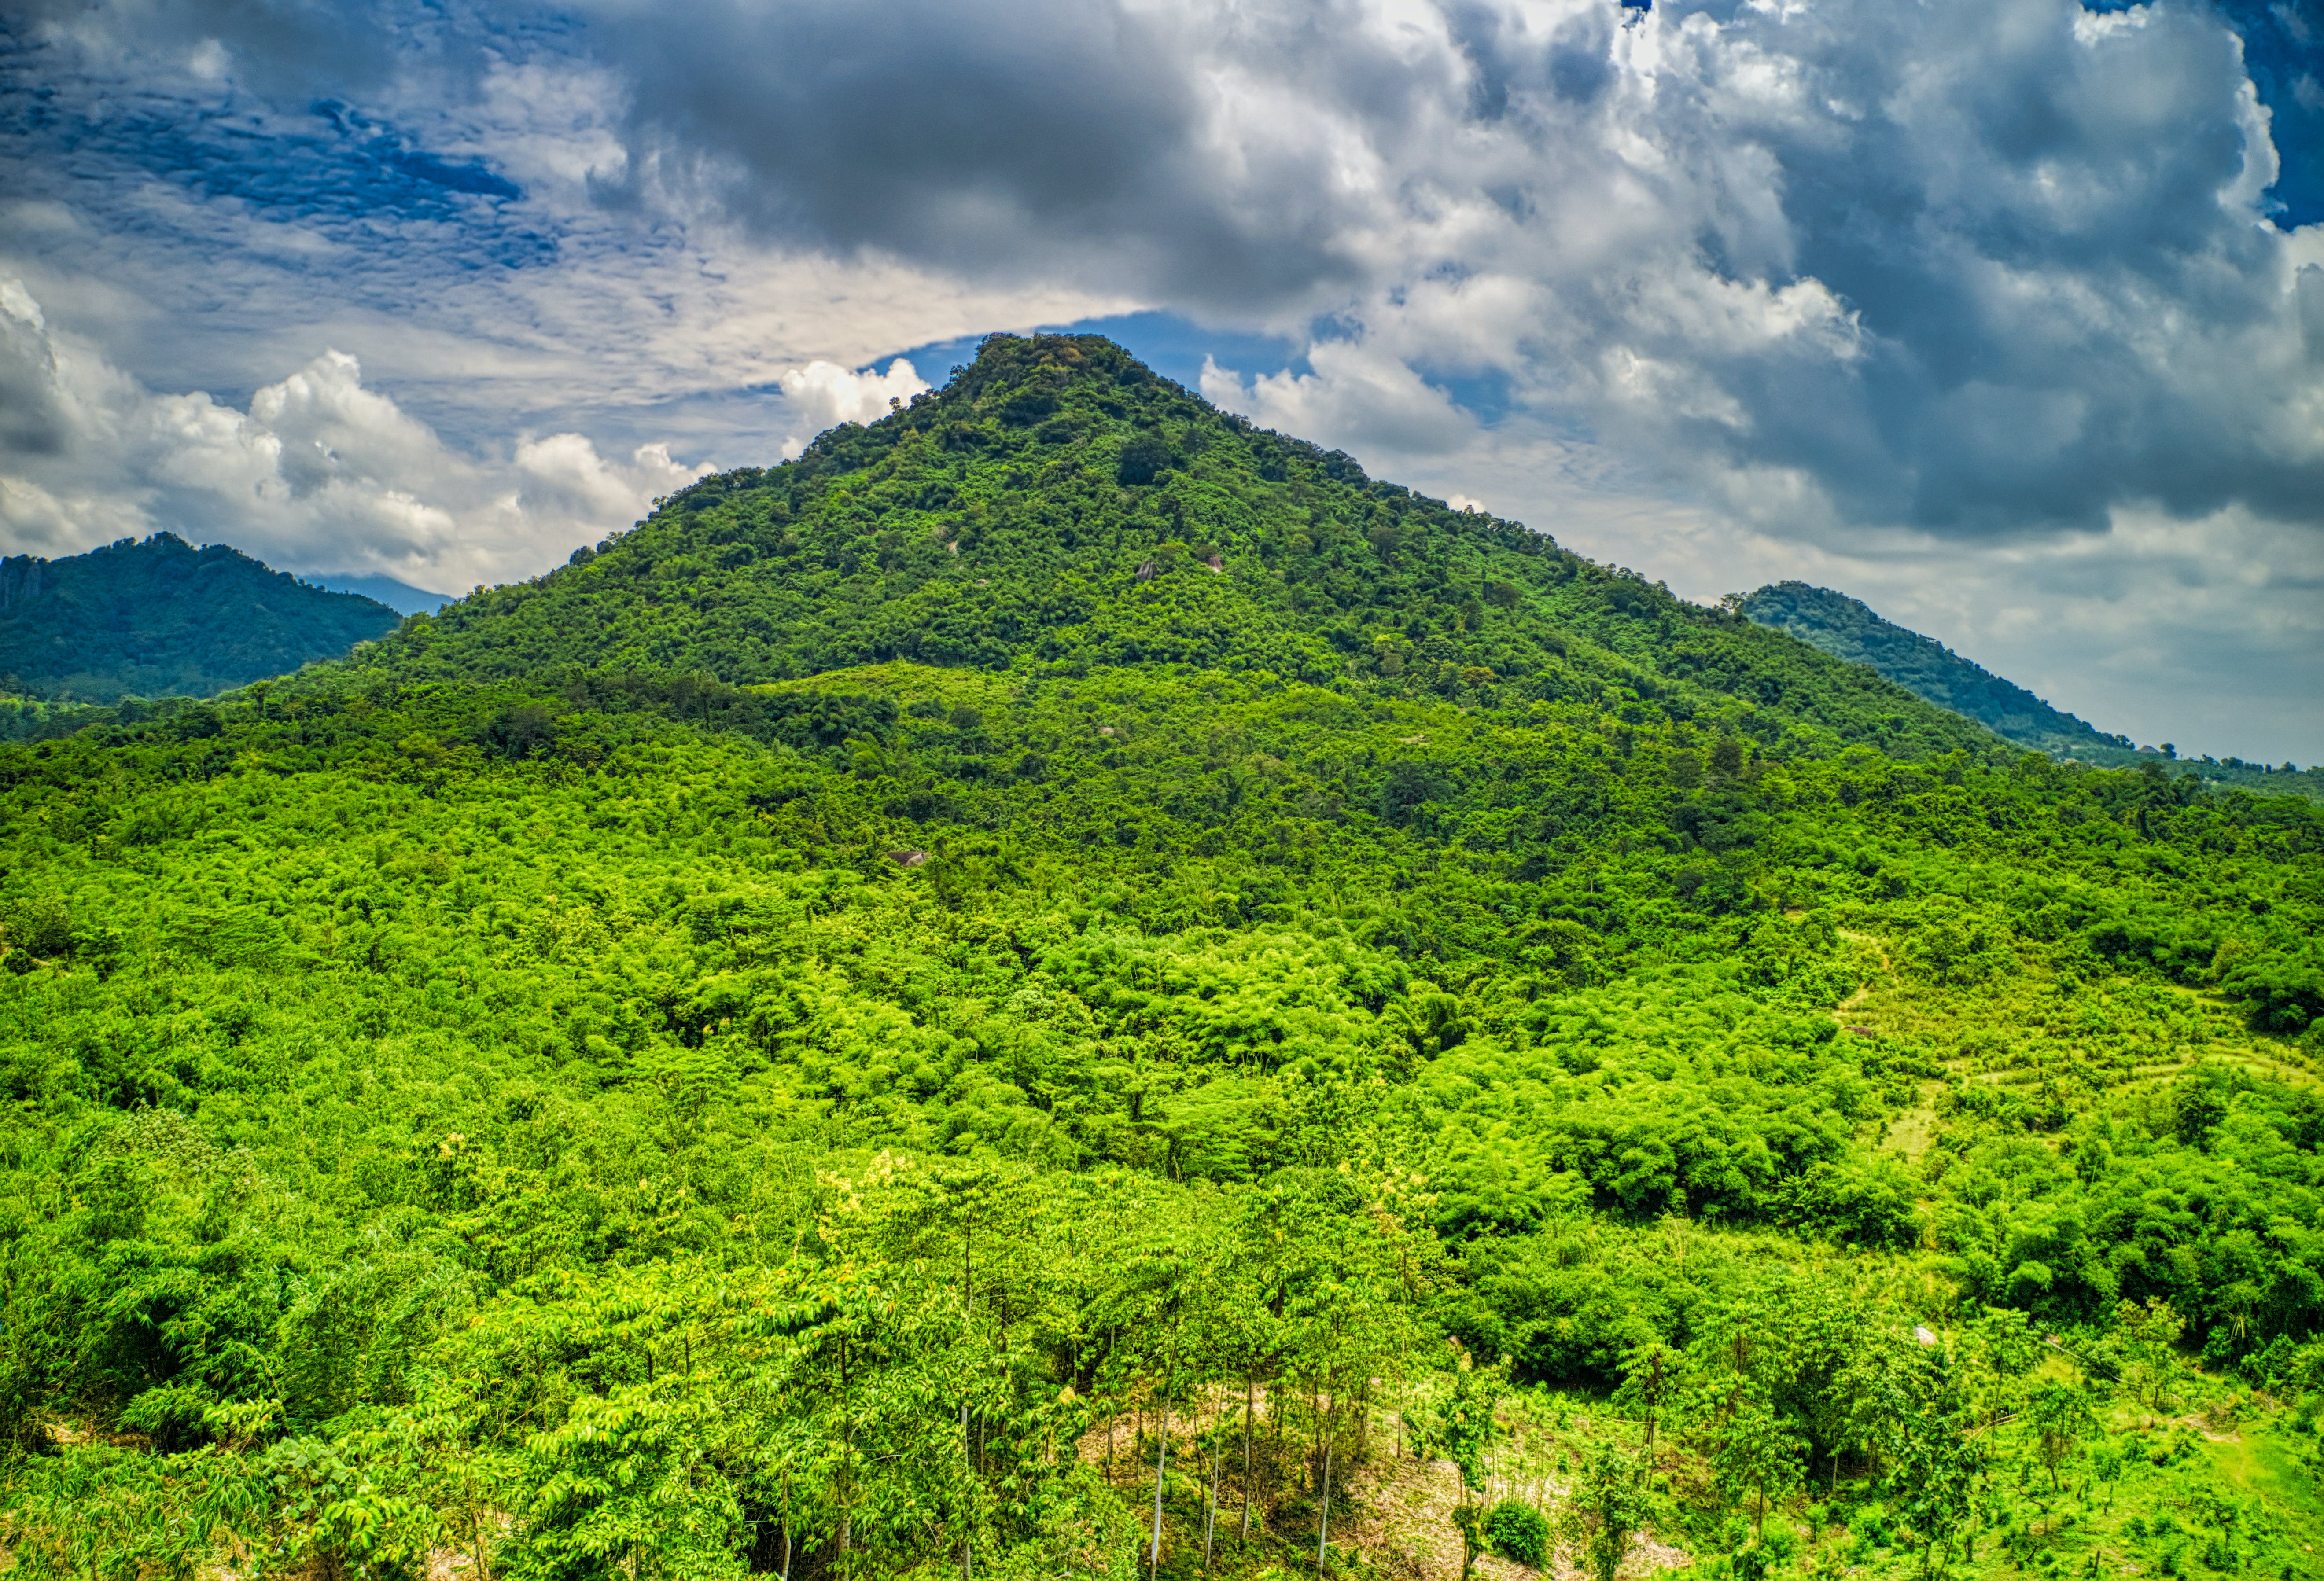 Photo of Trees on Mountain